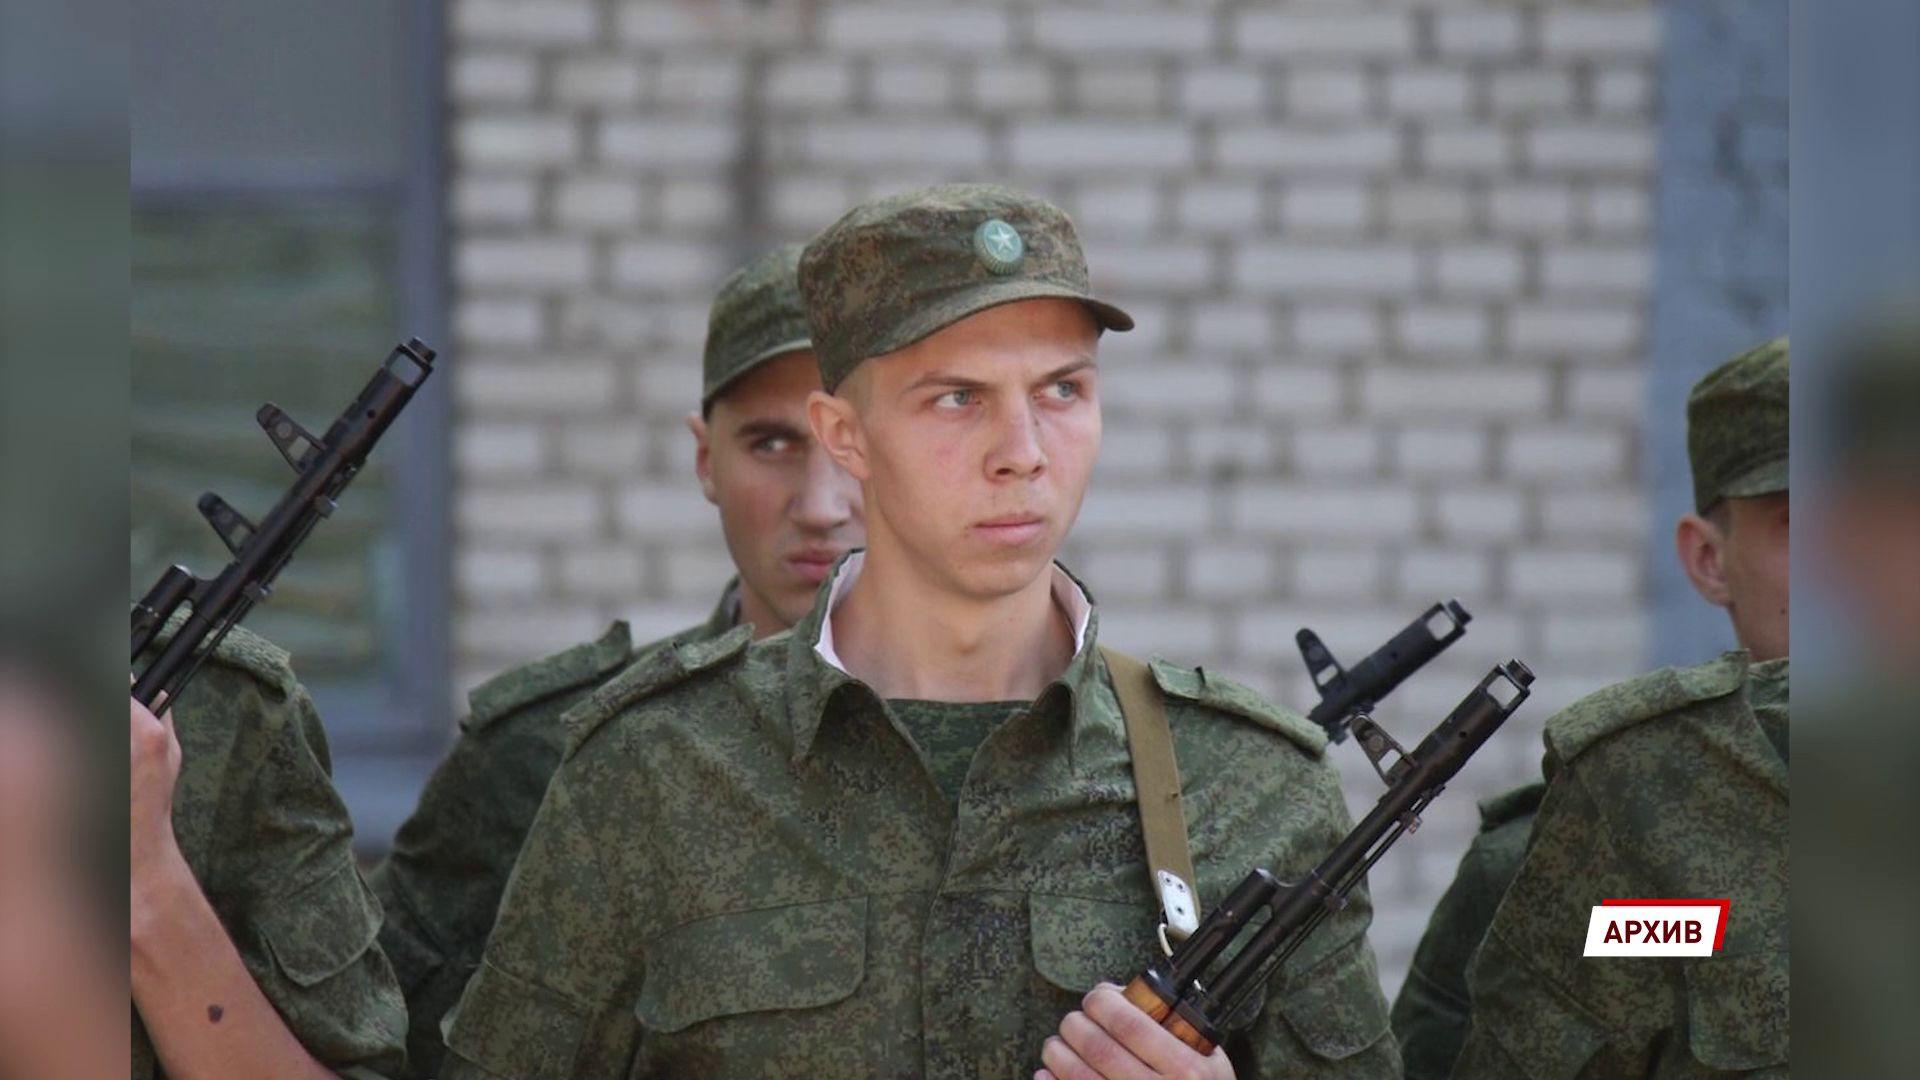 Нужна помощь: Ивану Леонову не хватает 12 миллионов рублей на операцию